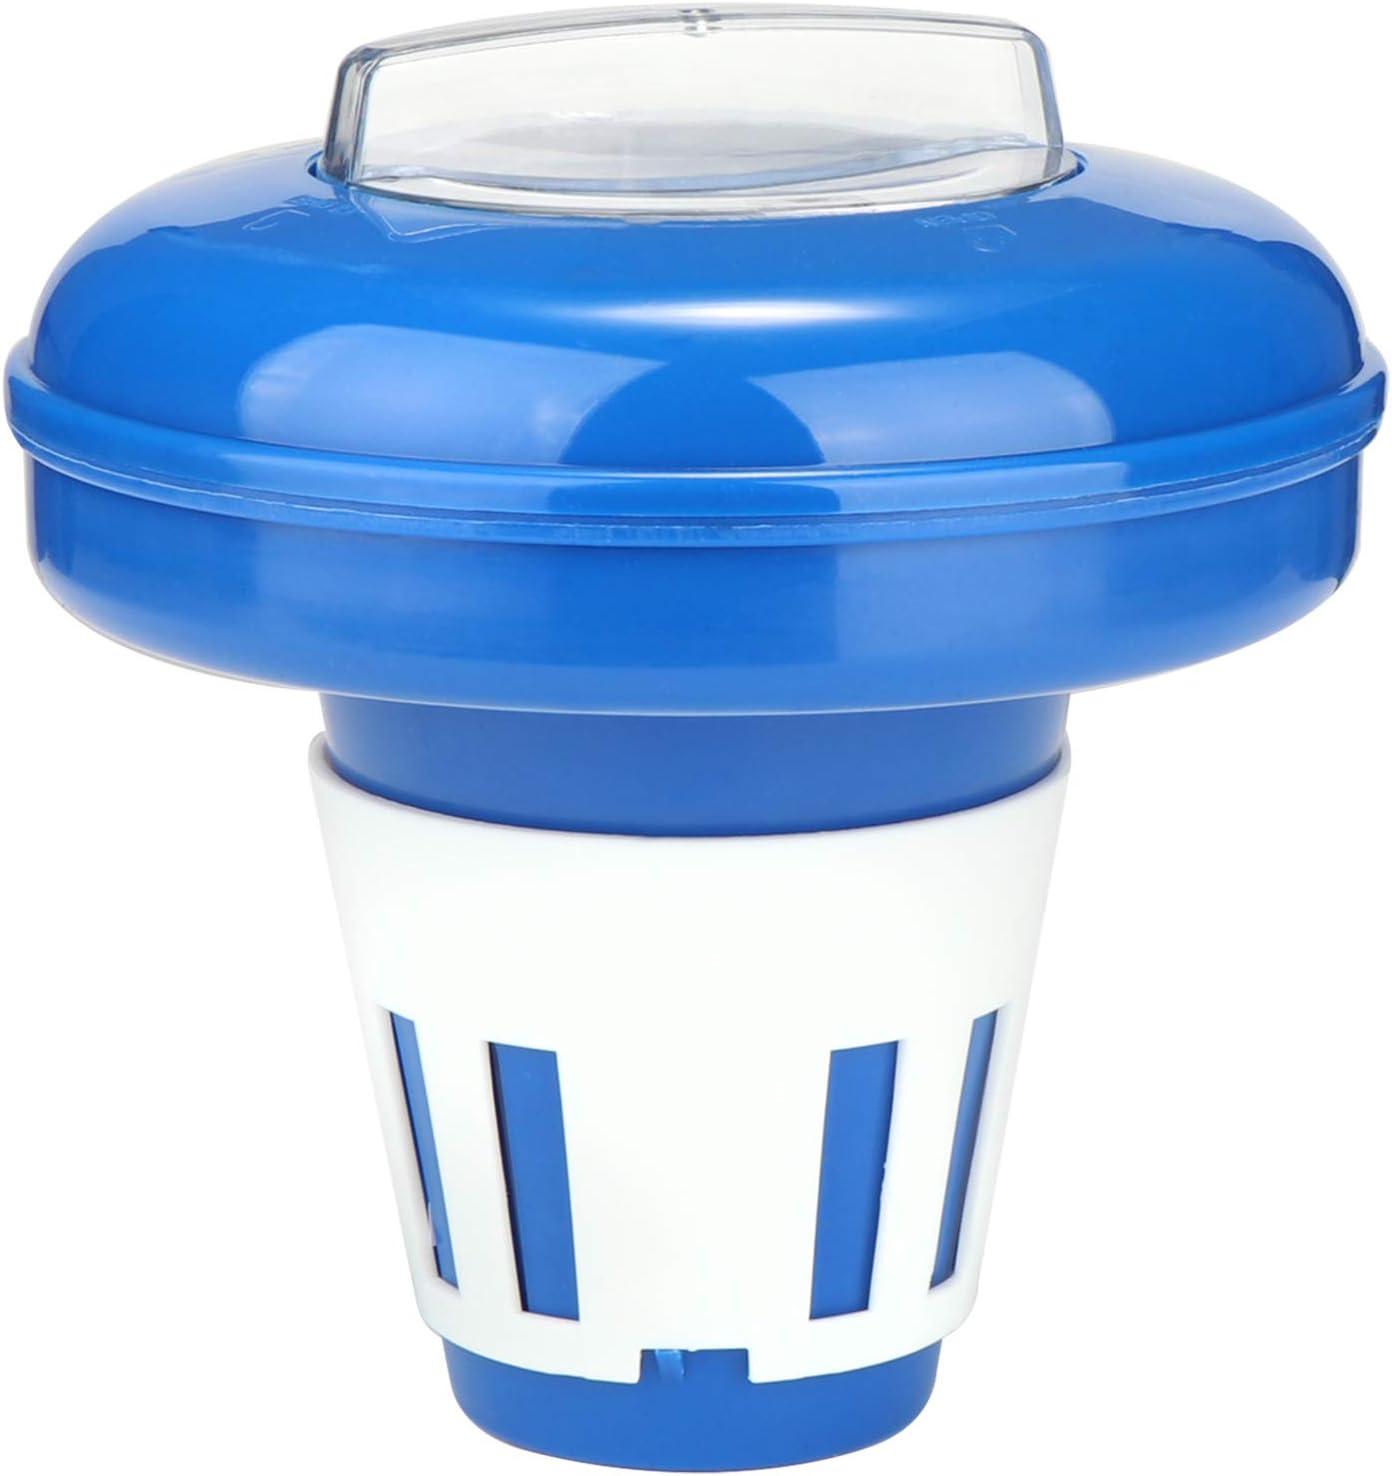 com-four® Flotador Dosificador para Piscina- Dispensador de Productos Químicos para Tabletas Cloro o Bromo- Dosificación Justa Aditivos para Piscinas